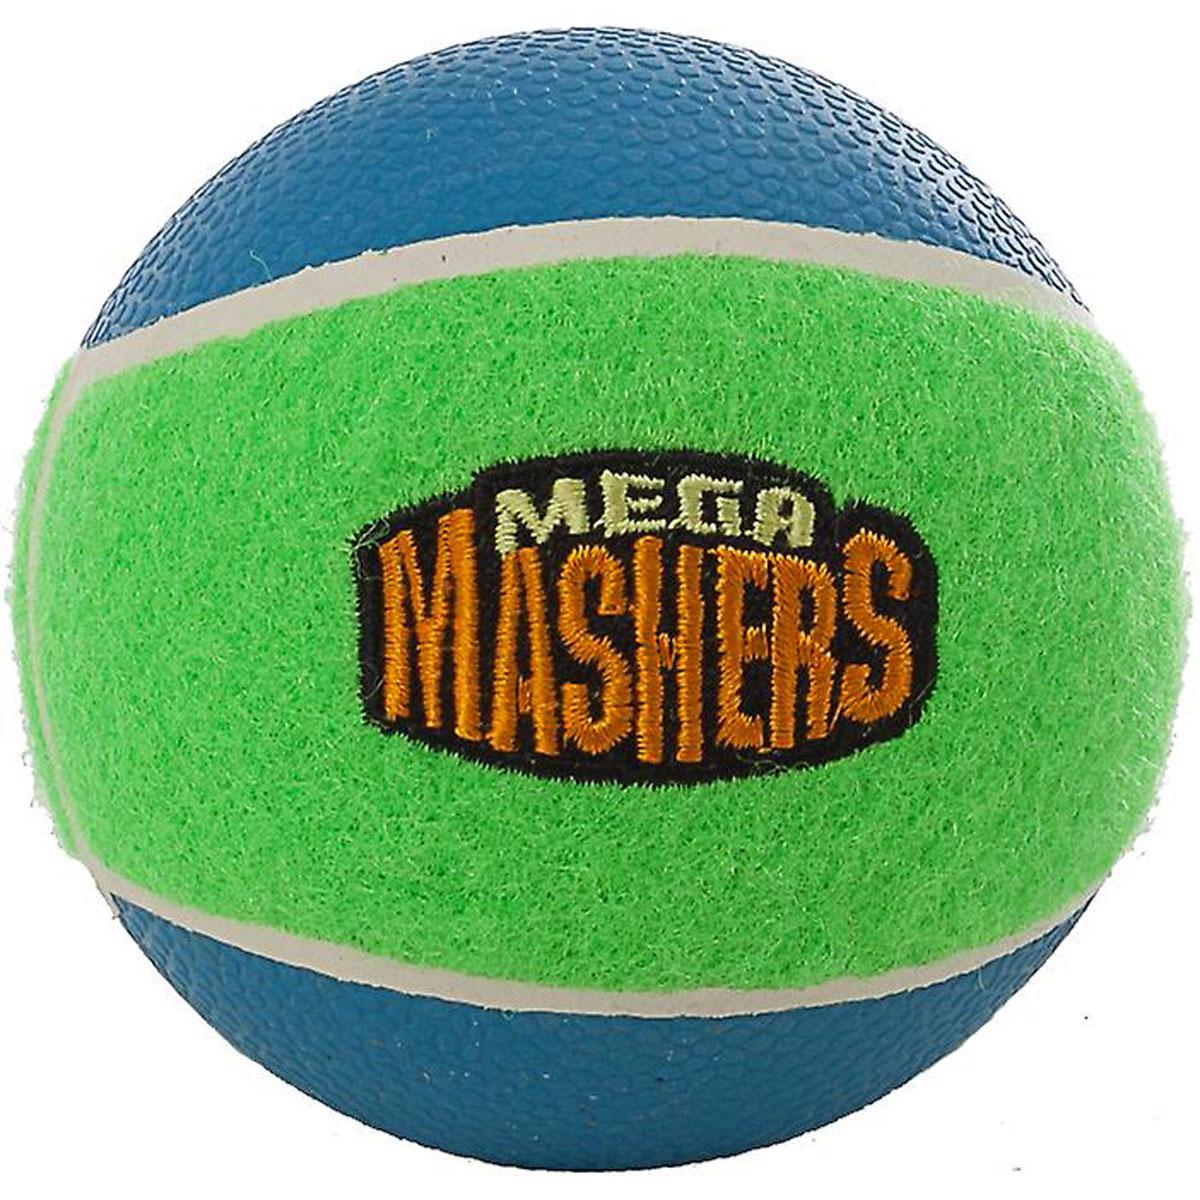 Игрушка для собак Mega Mashers Мячик, диаметр 8 смС011Игрушка для собак Mega Mashers Мячик выполнена из специальной усиленнойвспененной резины, т.е. игрушка не полая, а литая и в то же время очень гибкая иупругая. Покрыта синтетическим фетром. Игрушка оформлена в стиле теннисногомячика. Она порадует вашего любимца, а вам доставит массу приятных эмоций,ведь наблюдать за игрой всегда интересно и приятно. Даже оставшись водиночестве, ваша собака будет увлеченно играть в эту игрушку.Диаметр: 8 см.